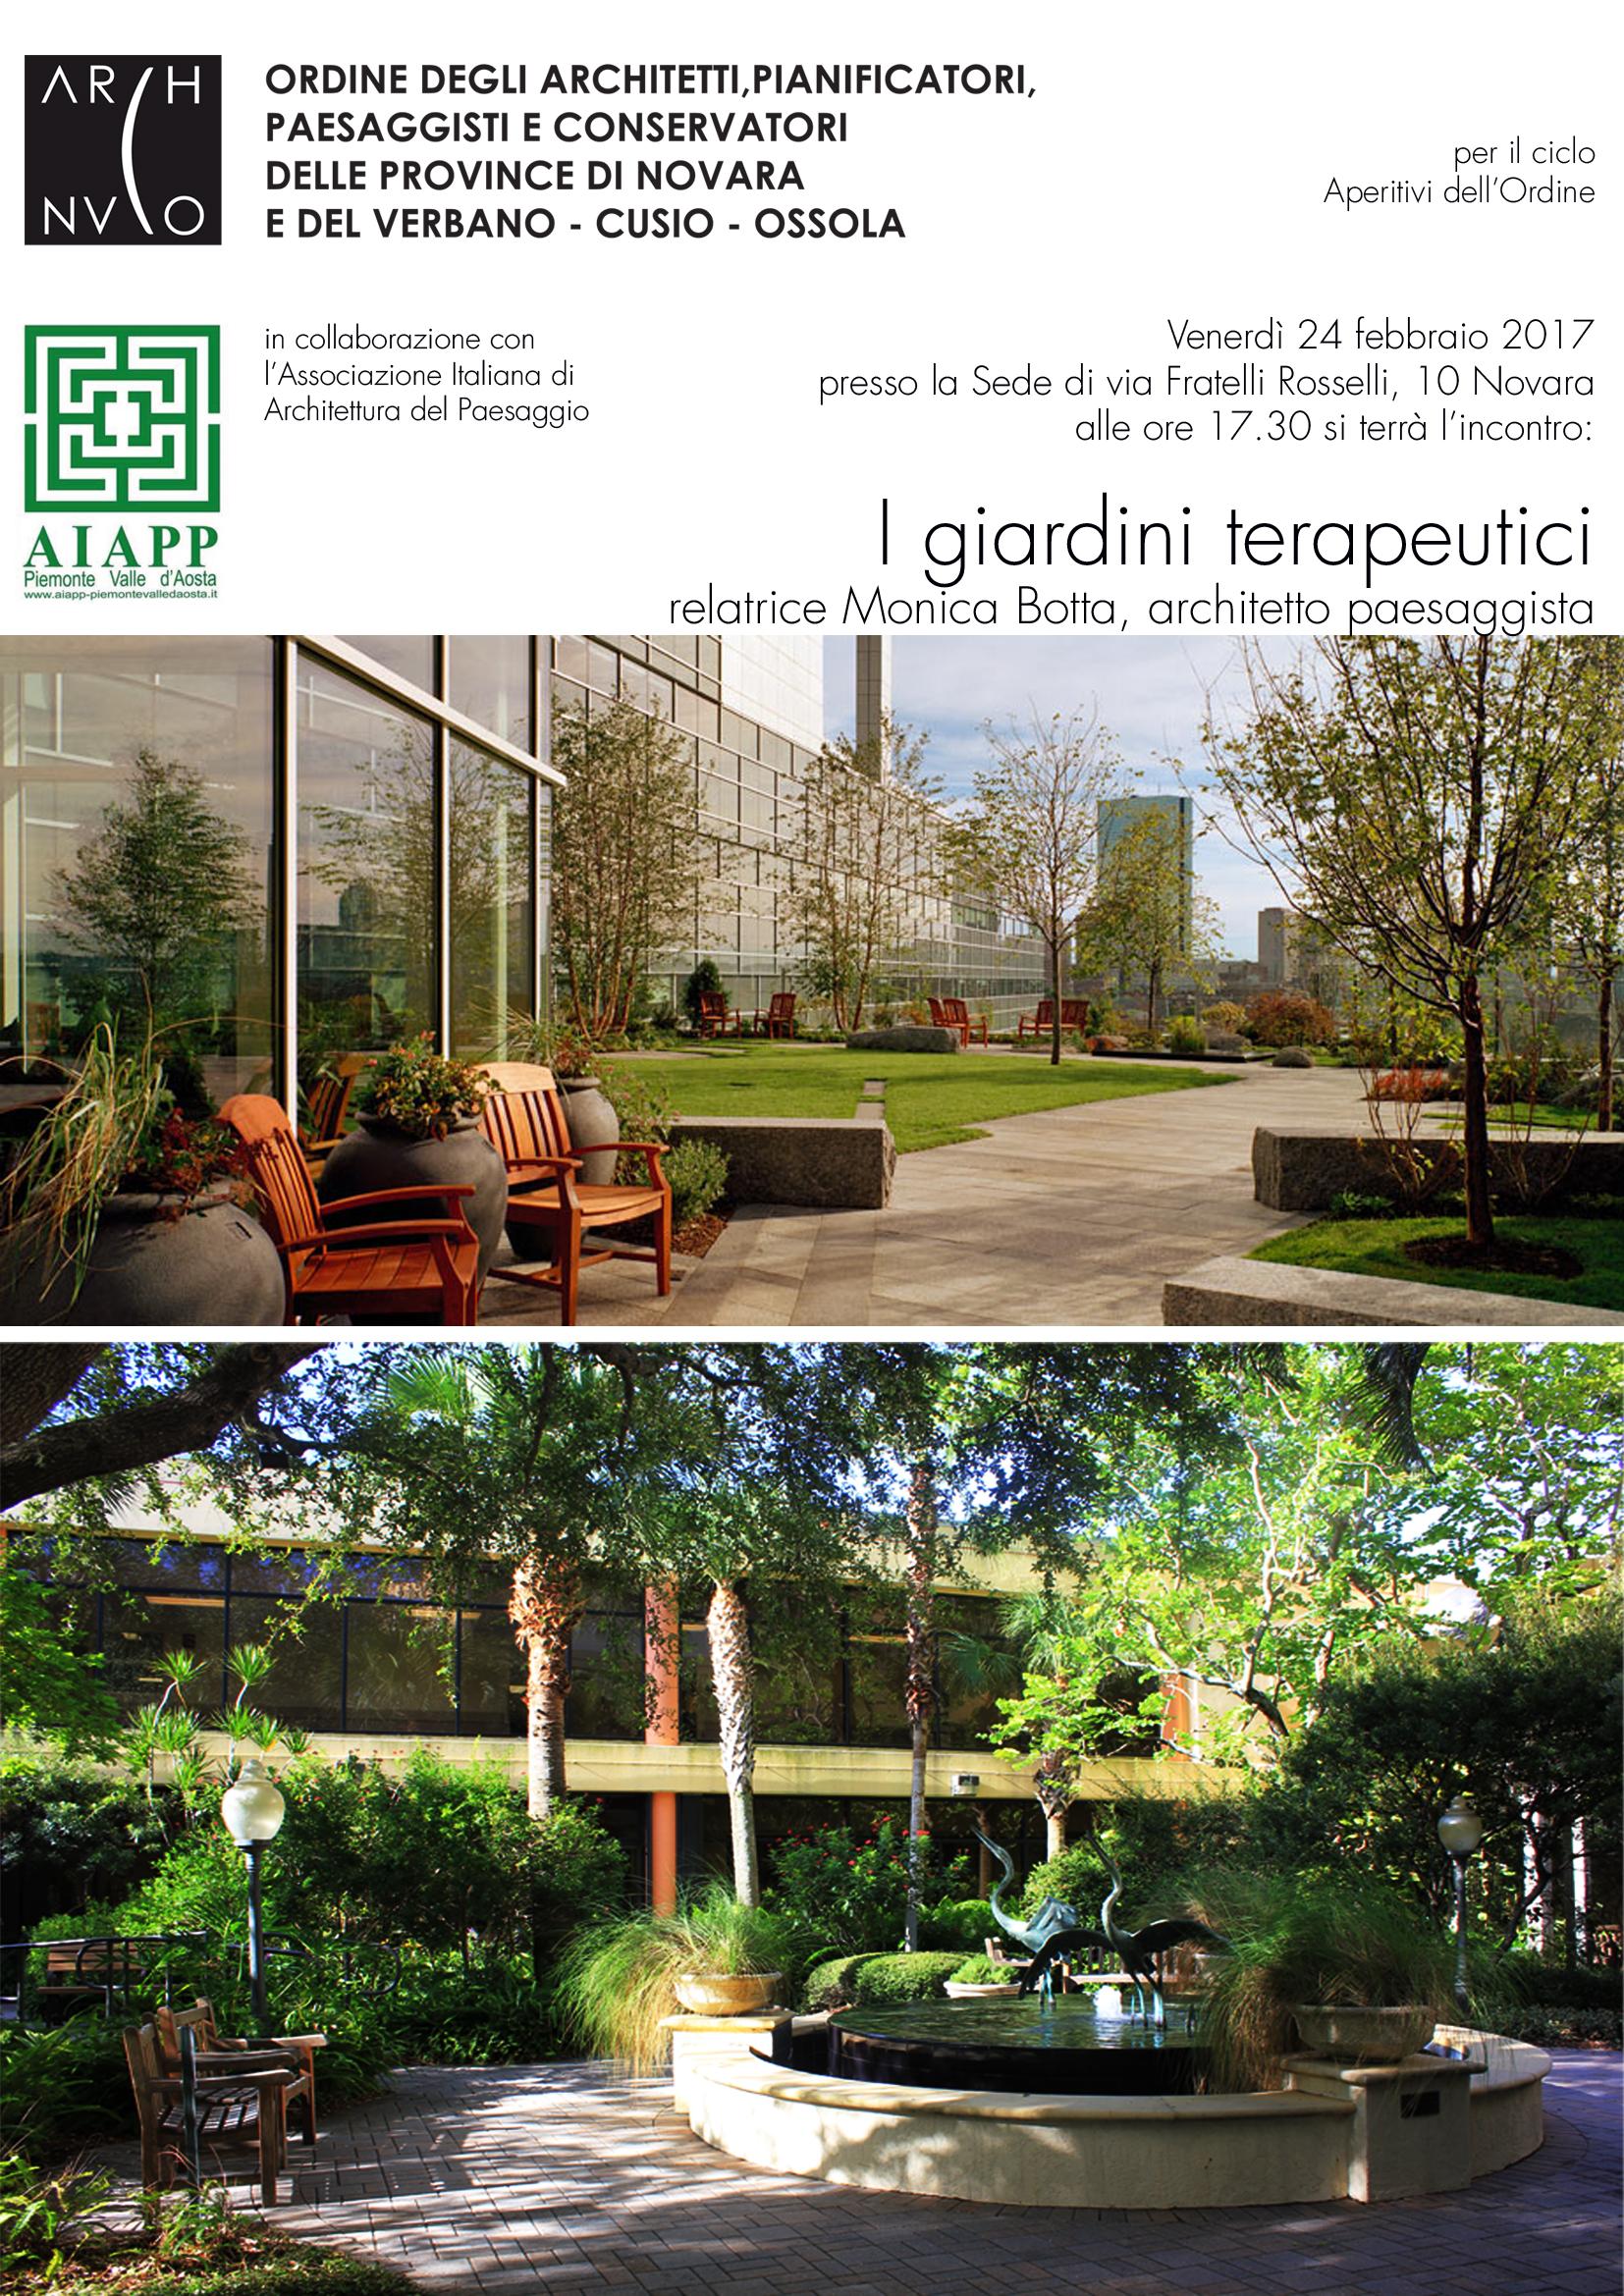 Architetto Di Giardini i giardini terapeutici | monica botta